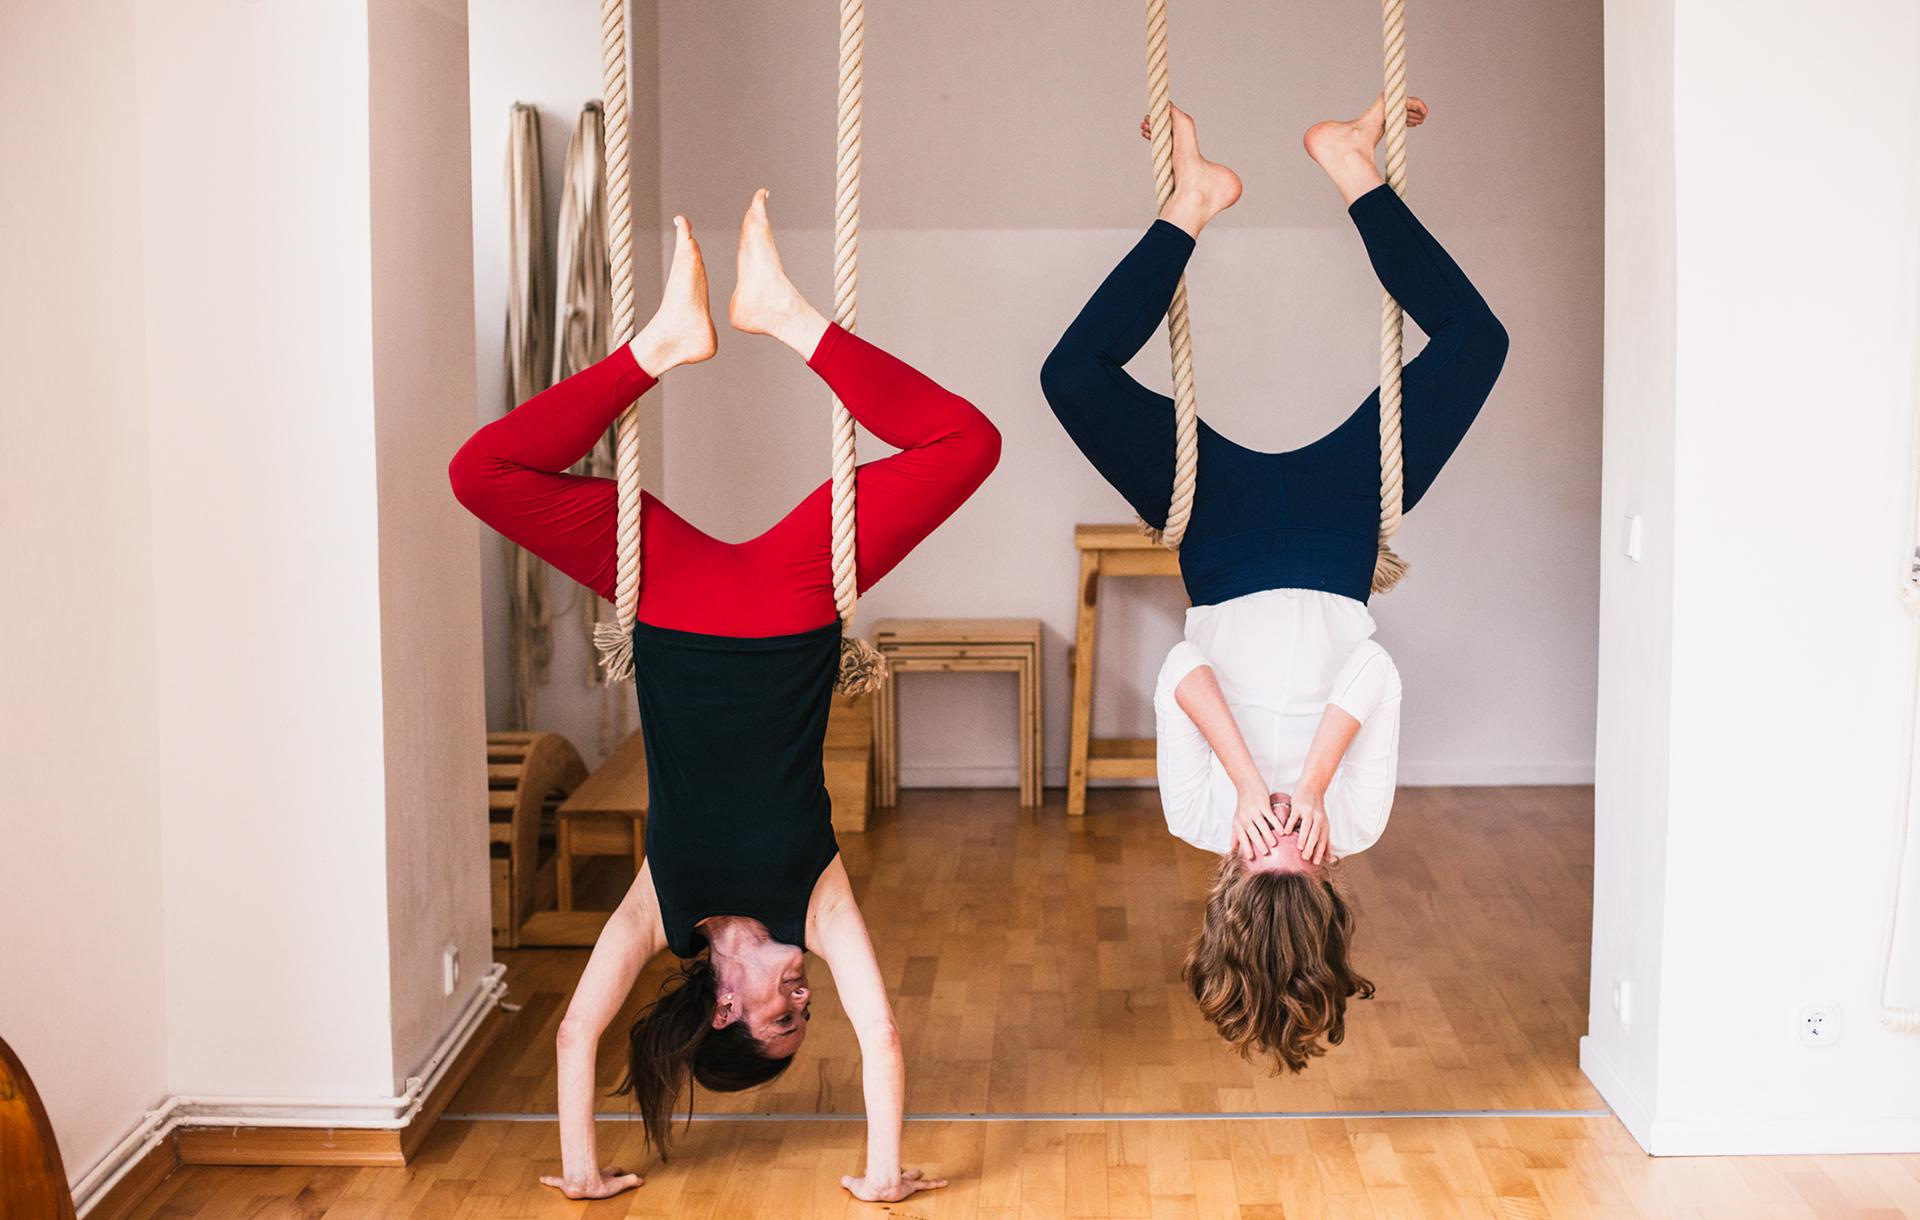 alanna-lawley-elizabeth-smullens-brass-iyengar-yoga-berlin-headstand3